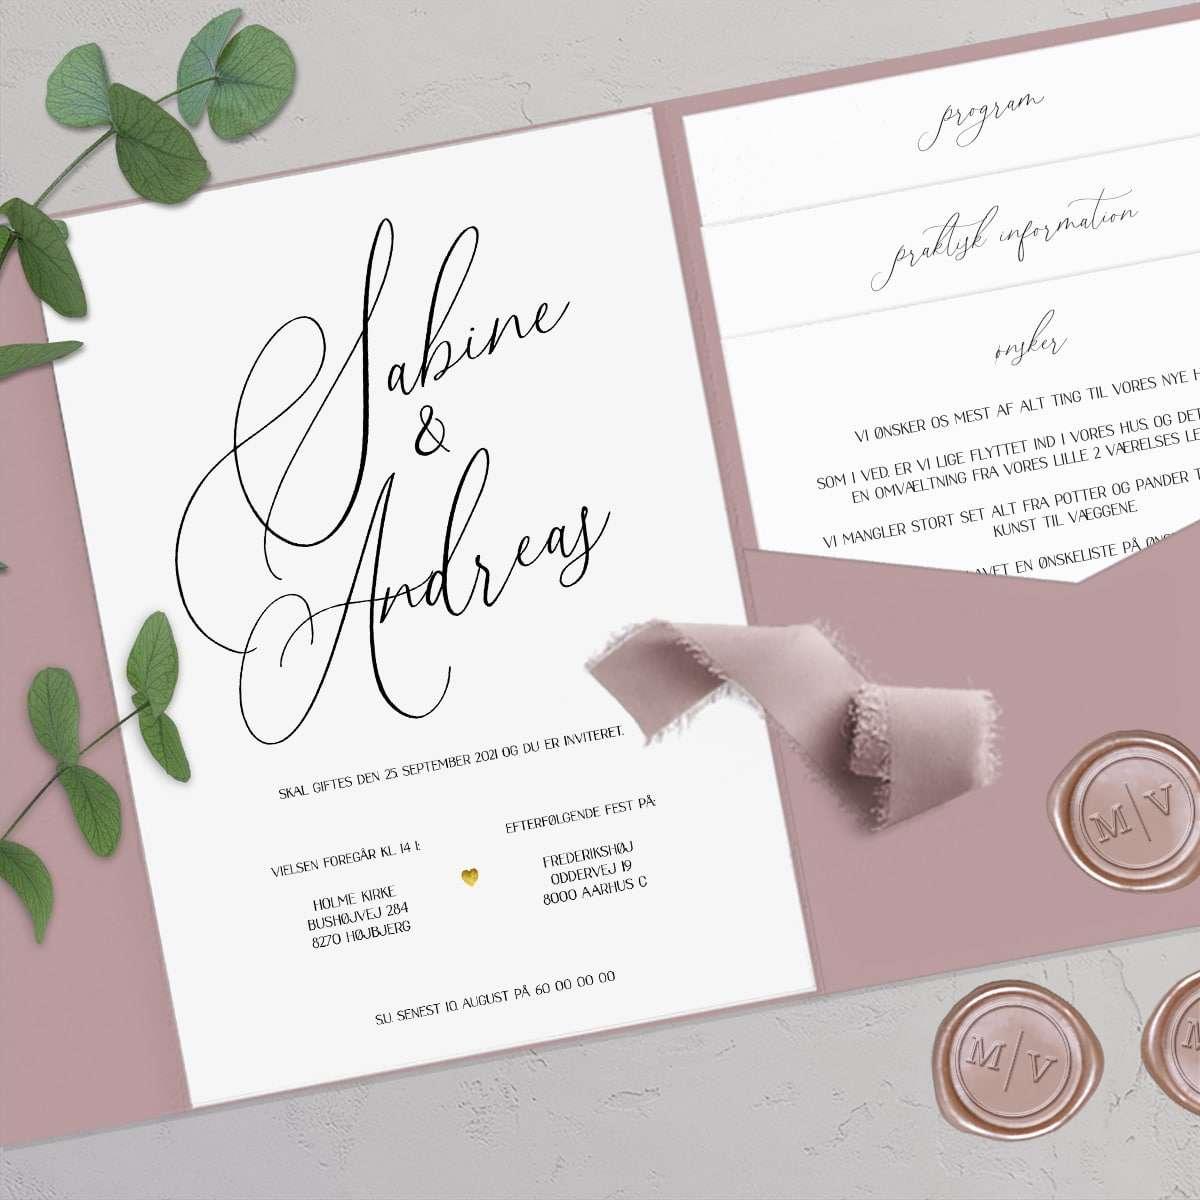 Bryllupsinvitation Calligraphy Pocketfold Bundle med guldfolie, monogram laksegl og håndfarvede silkebånd.